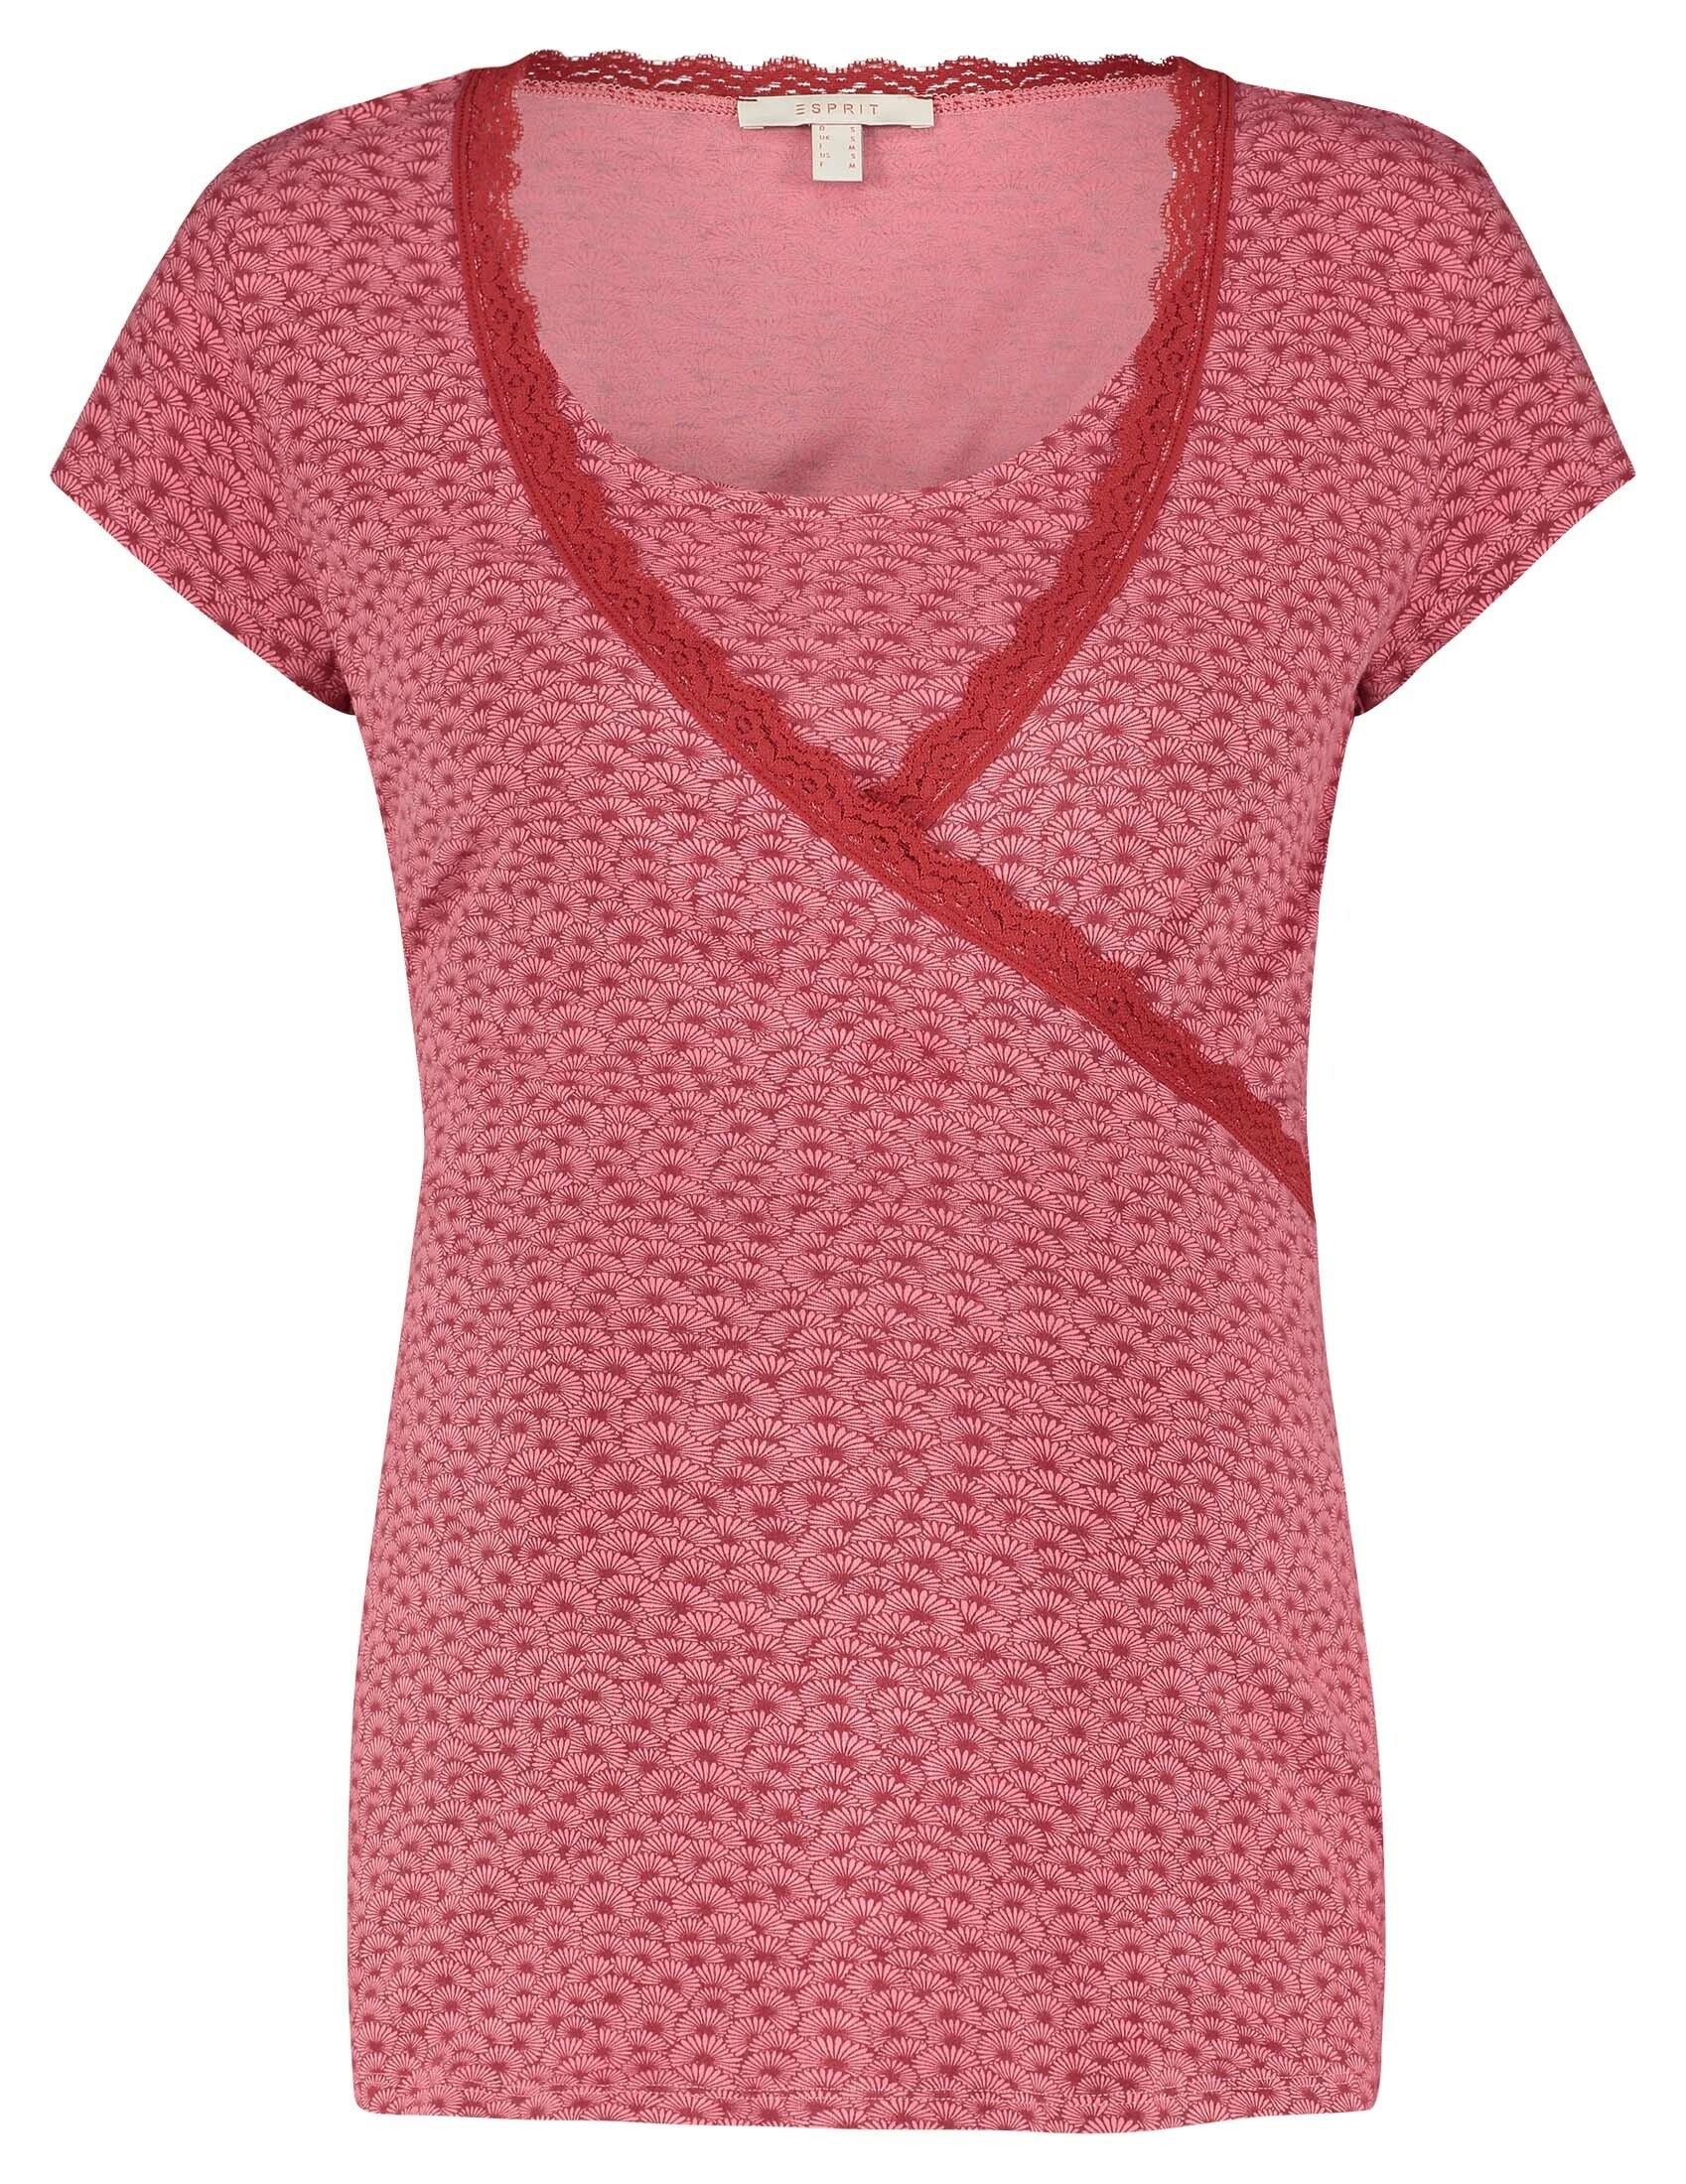 Esprit Maternity pyjamashirt met voedingsfunctie voordelig en veilig online kopen